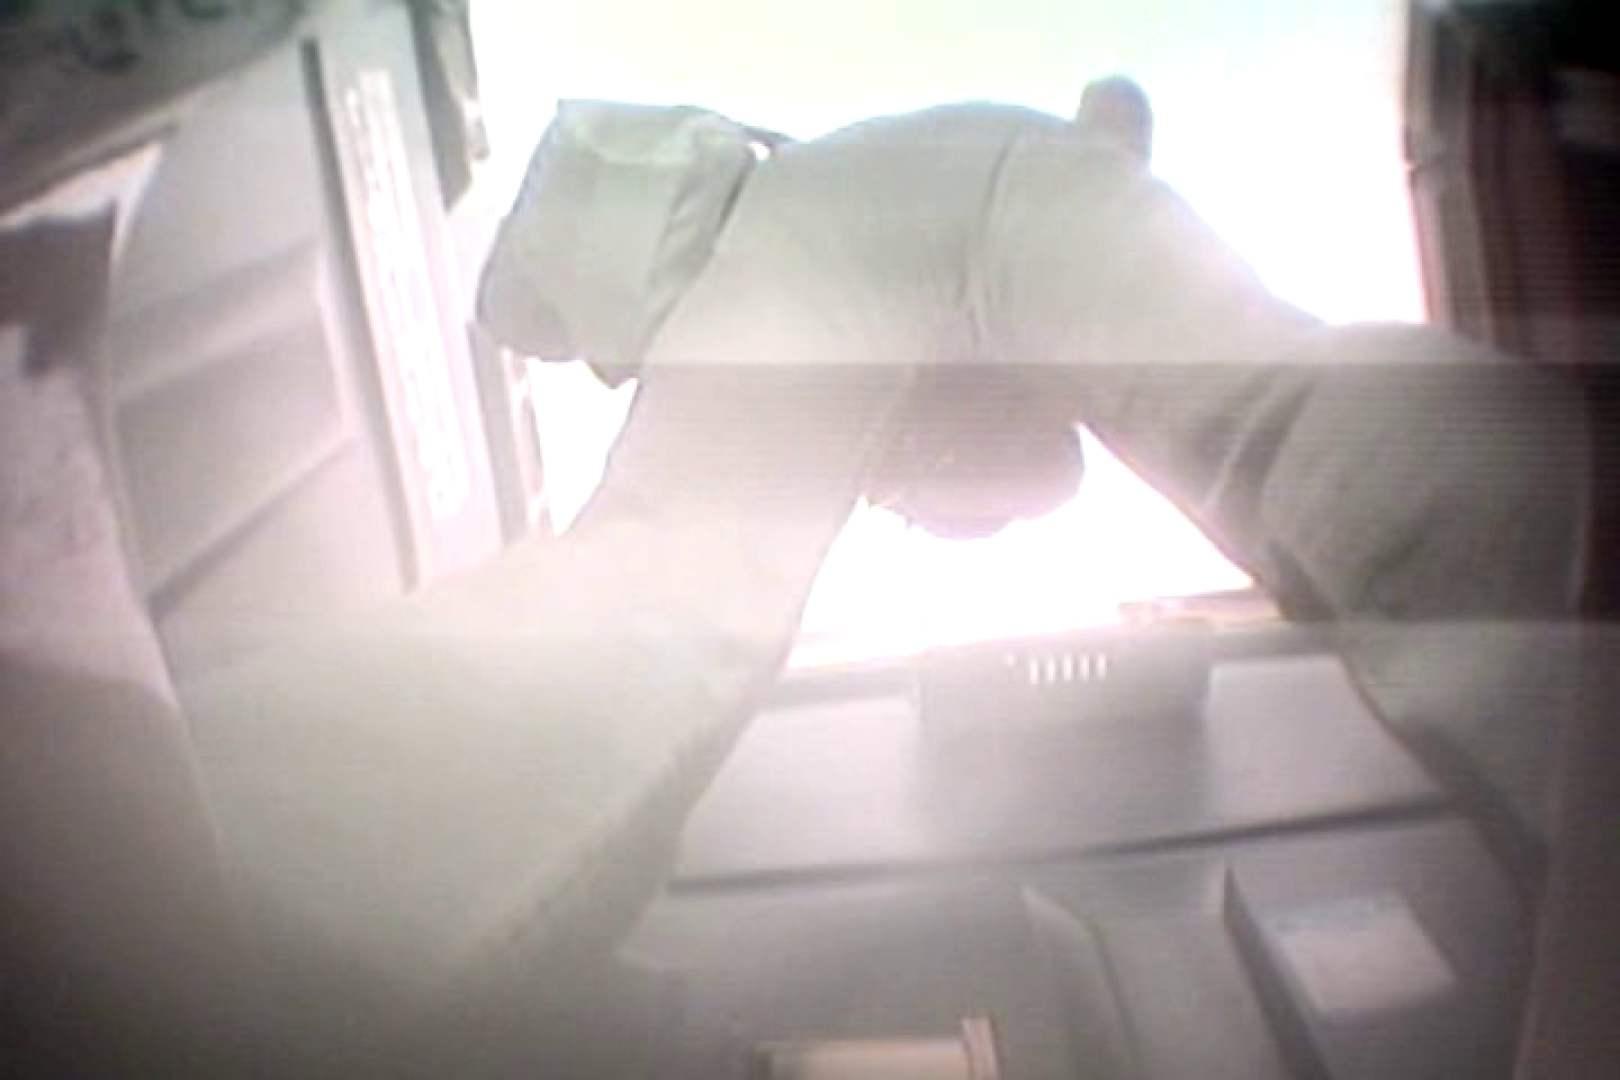 [お盆限定]和式洗面所汚物フレフレ100連発 Vol.1 盗撮大放出 SEX無修正画像 46連発 30